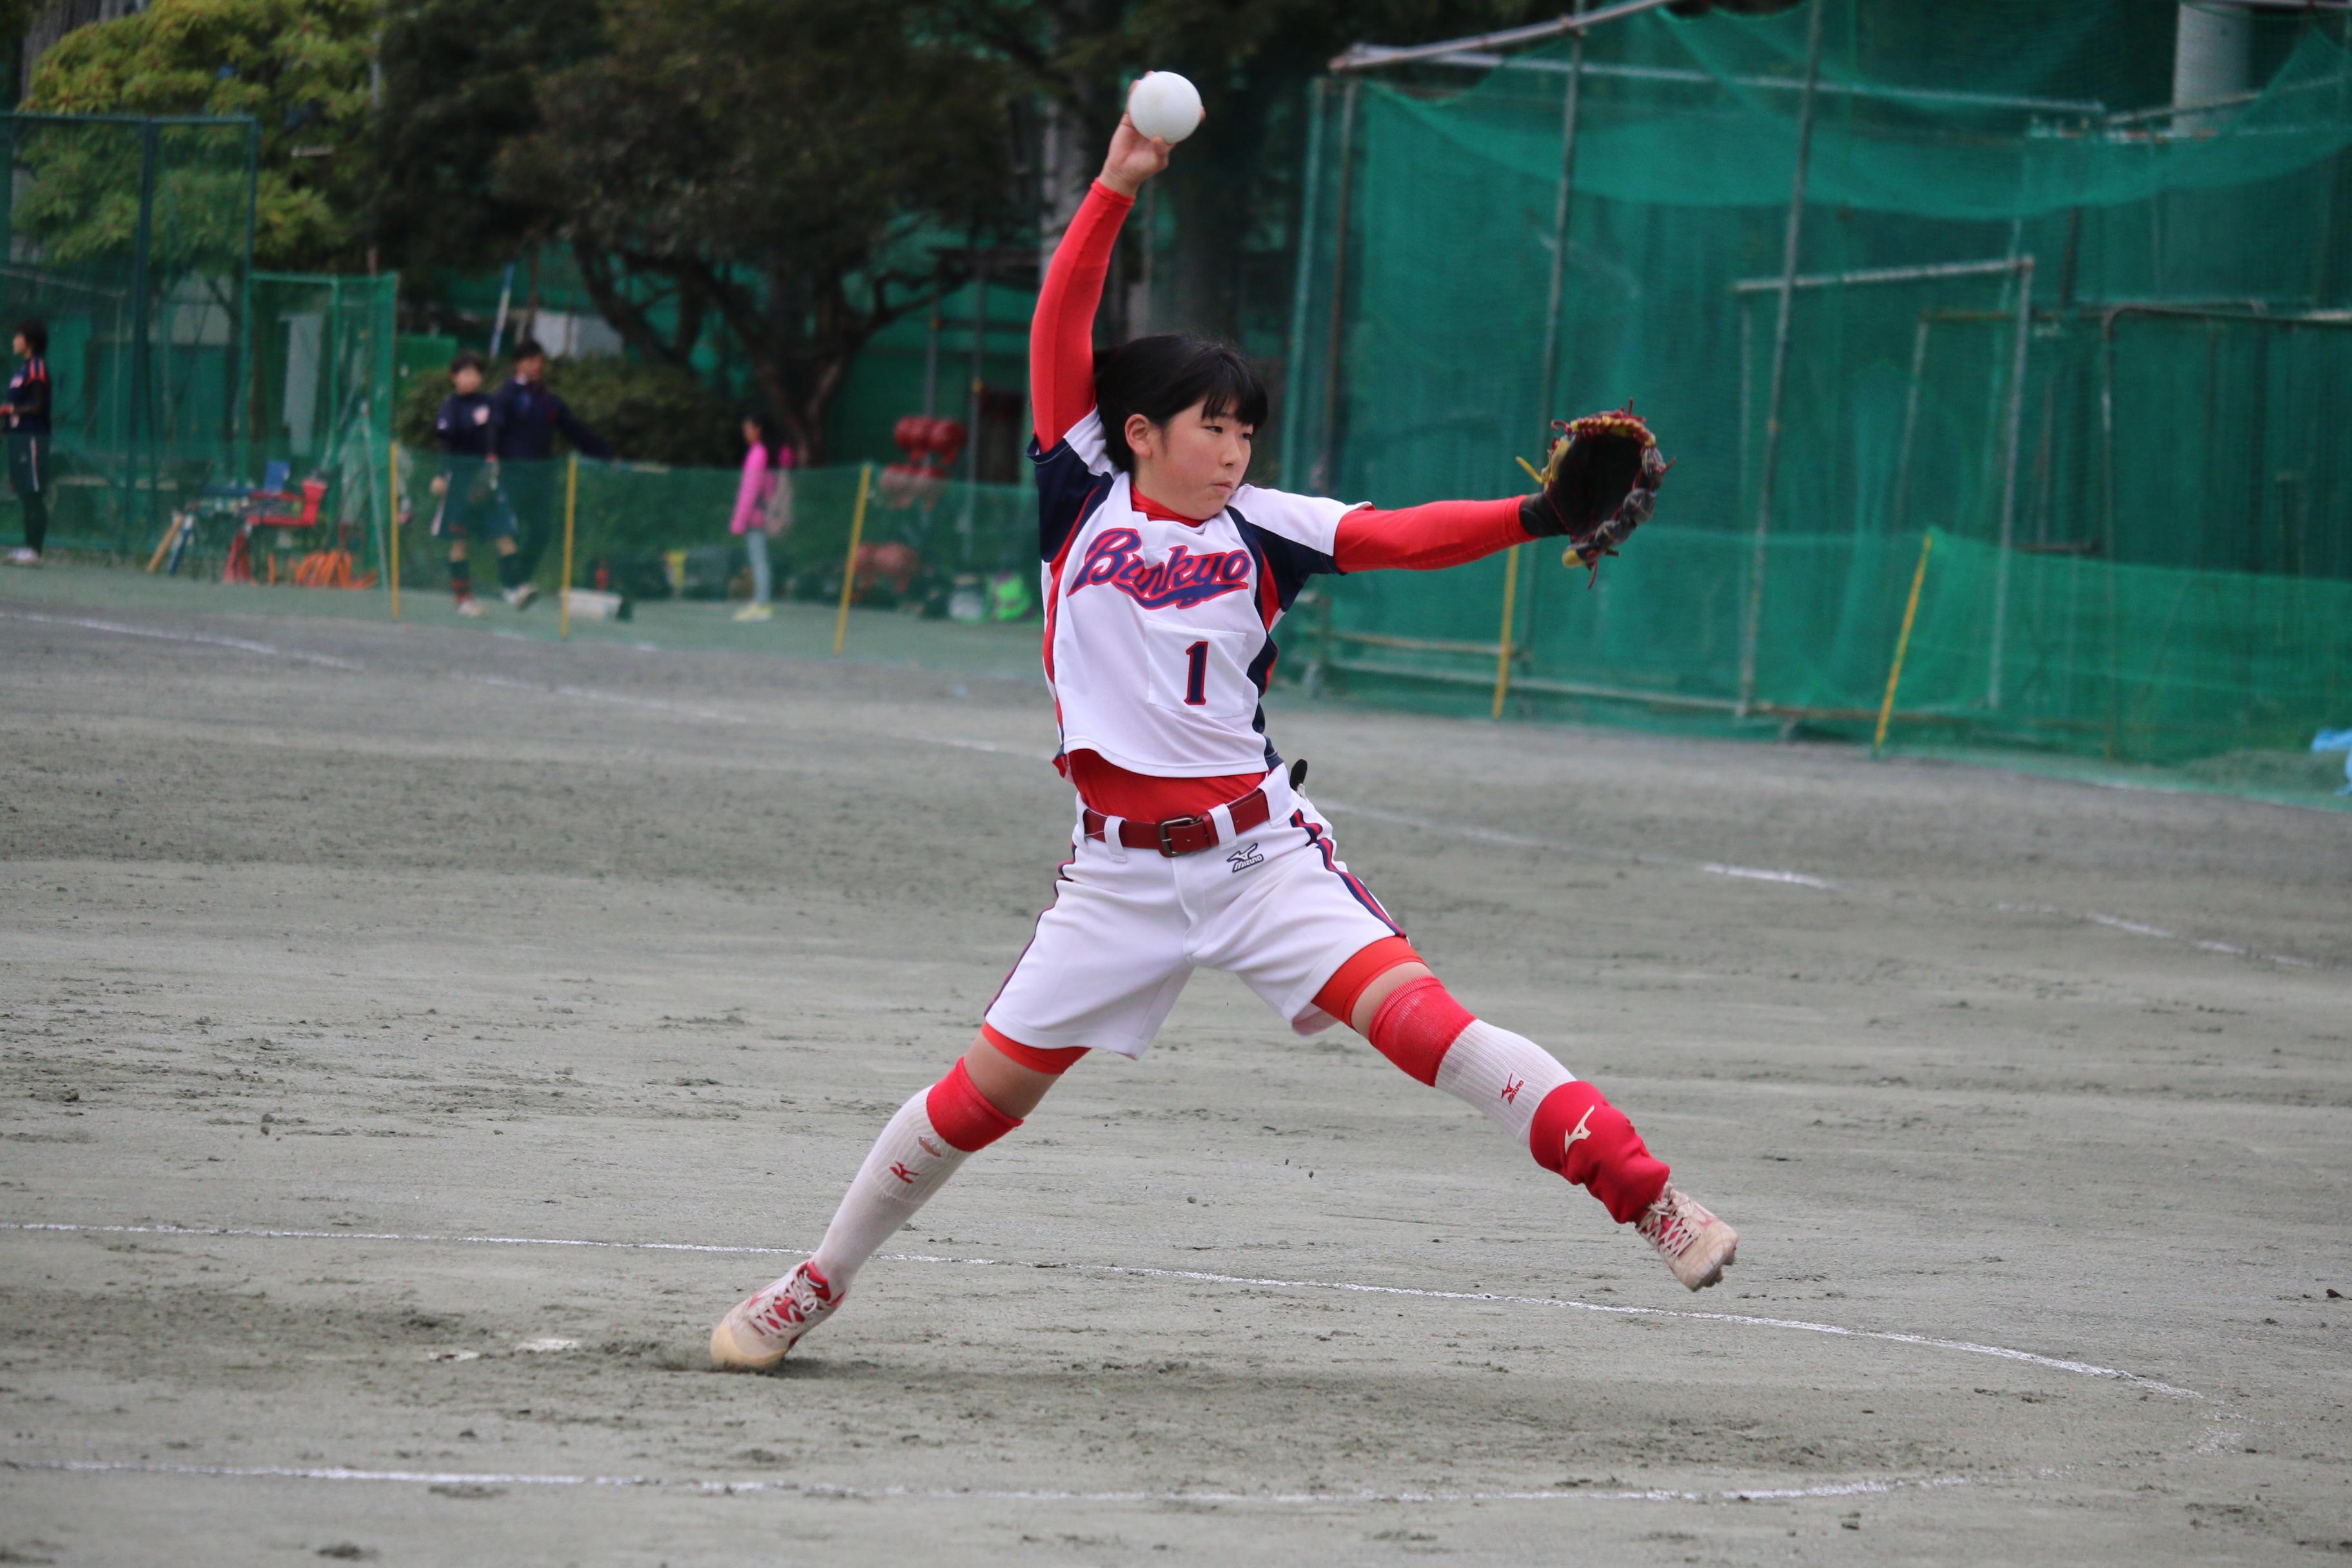 2016softballsigakusinnjinn6.JPG